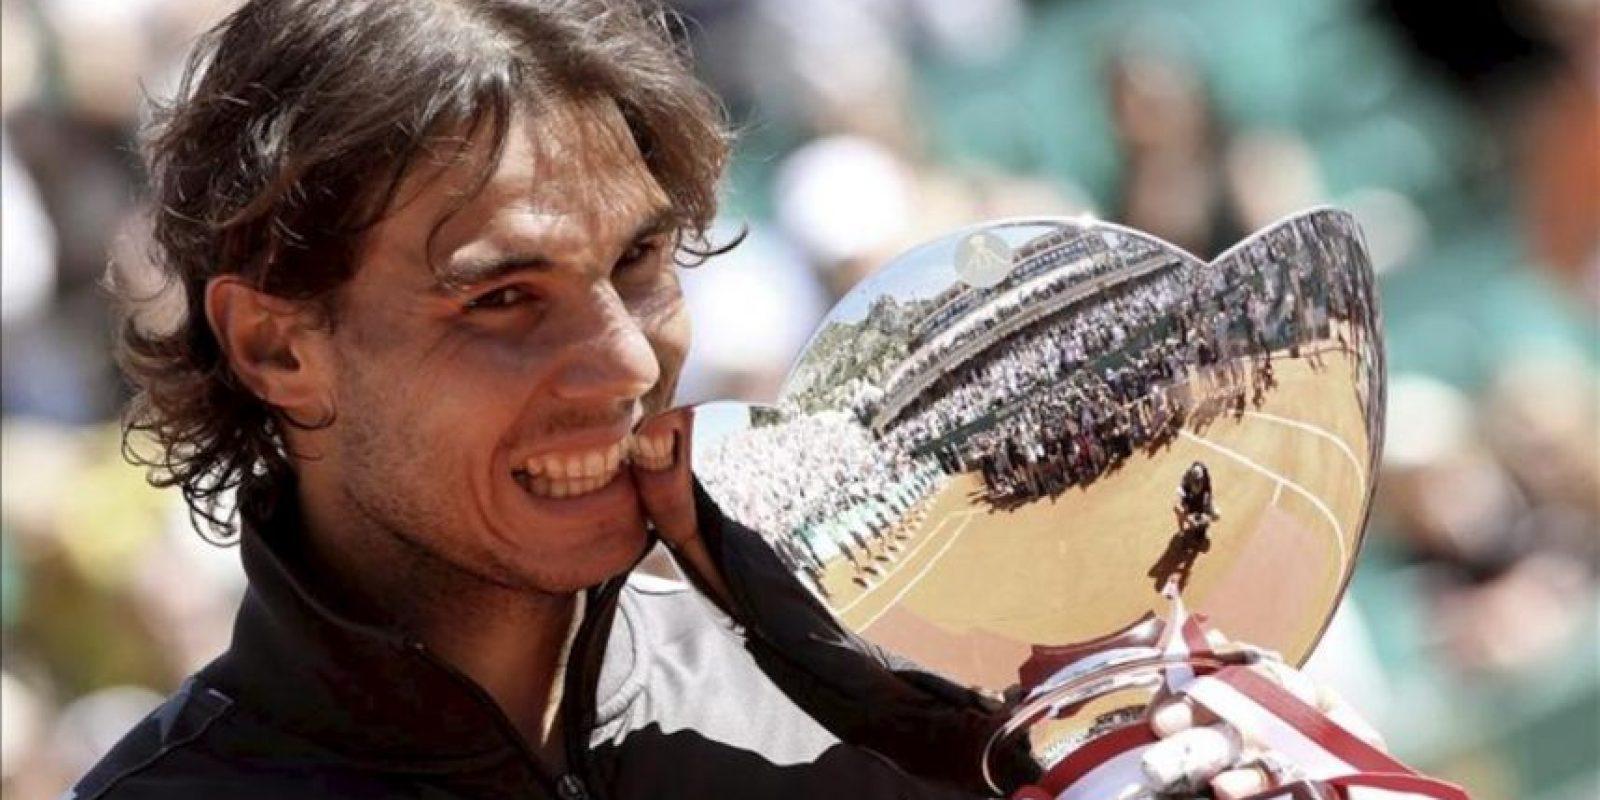 El tenista español Rafael Nadal posa con el trofeo del Masters de Montecarlo tras ganar la final contra el jugador serbio Novak Djokovic en Roquebrune Cap Martin (Francia). Nadal se impuso por 6-3 y 6-1. EFE